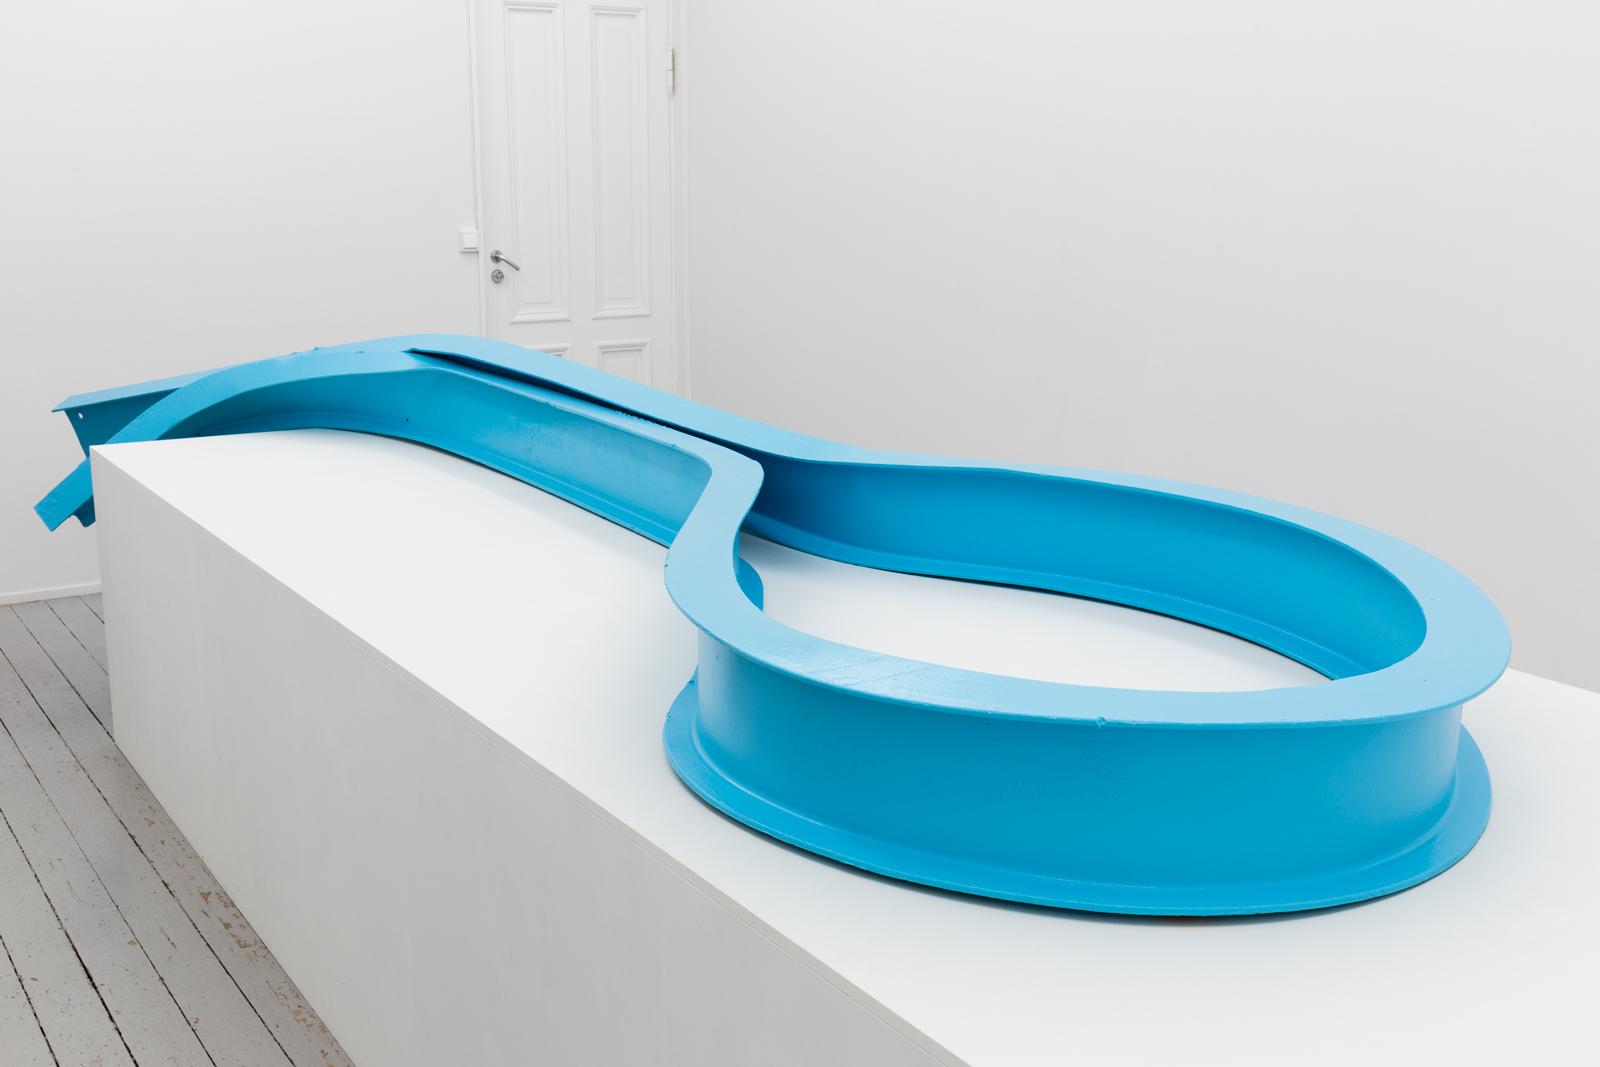 Stilleben, 2014, Painted steel, 55 x 130 x 456 cm